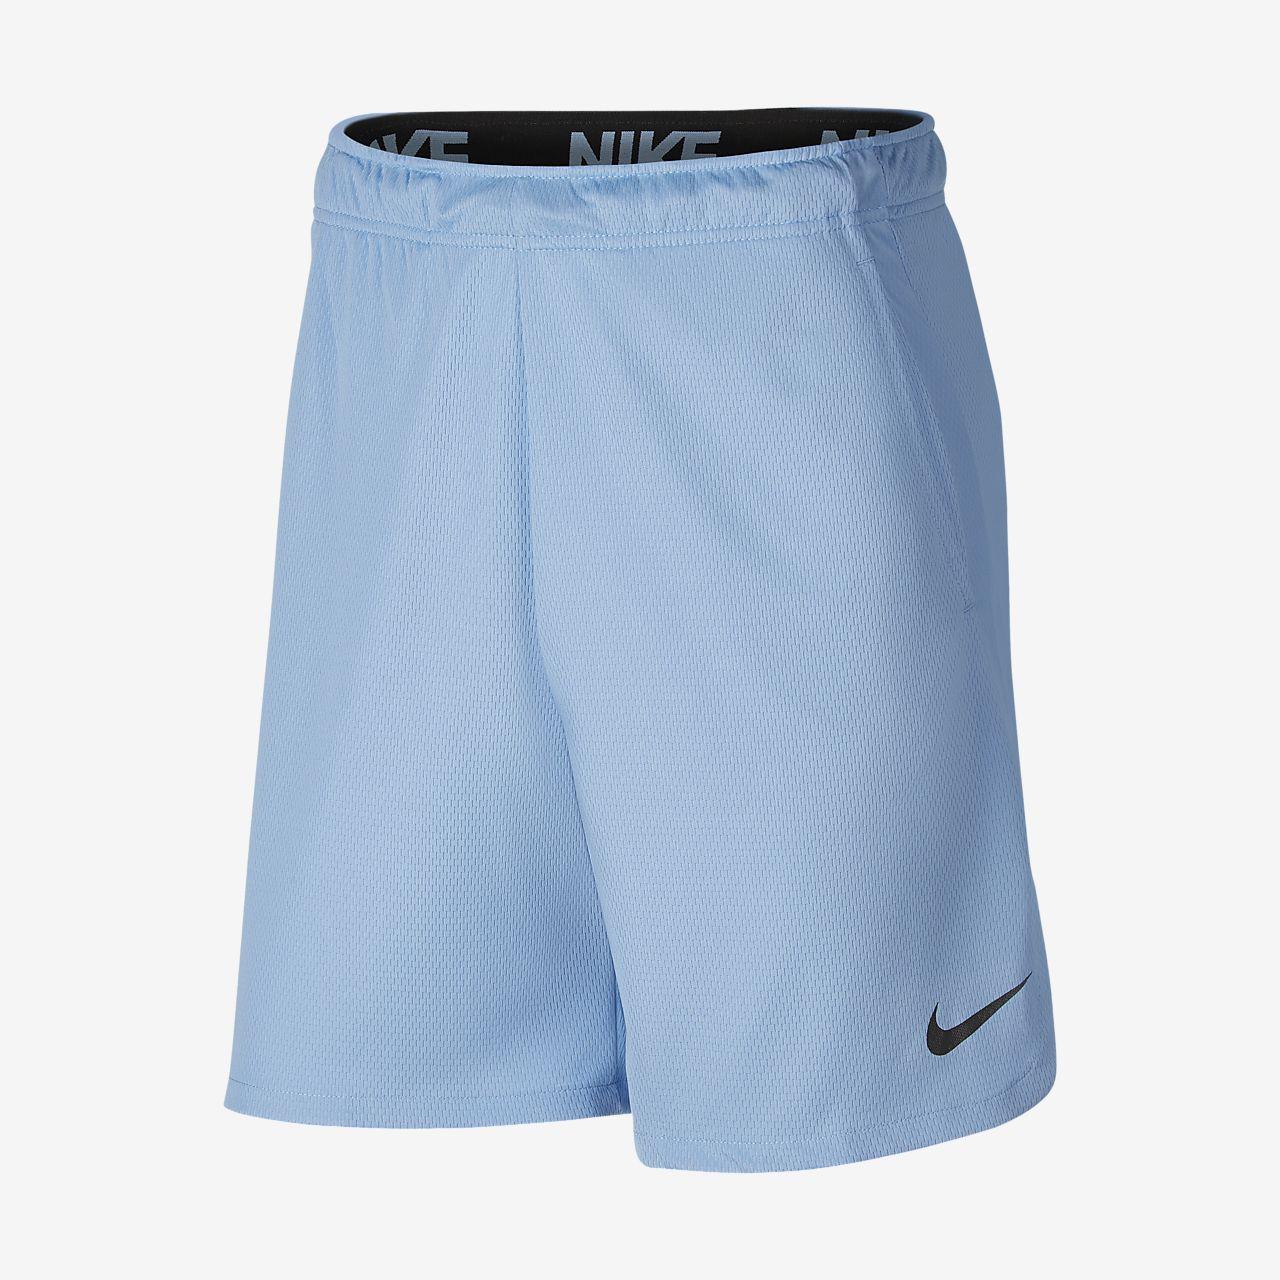 Nike Dri-FIT Men's Woven 23cm Training Shorts